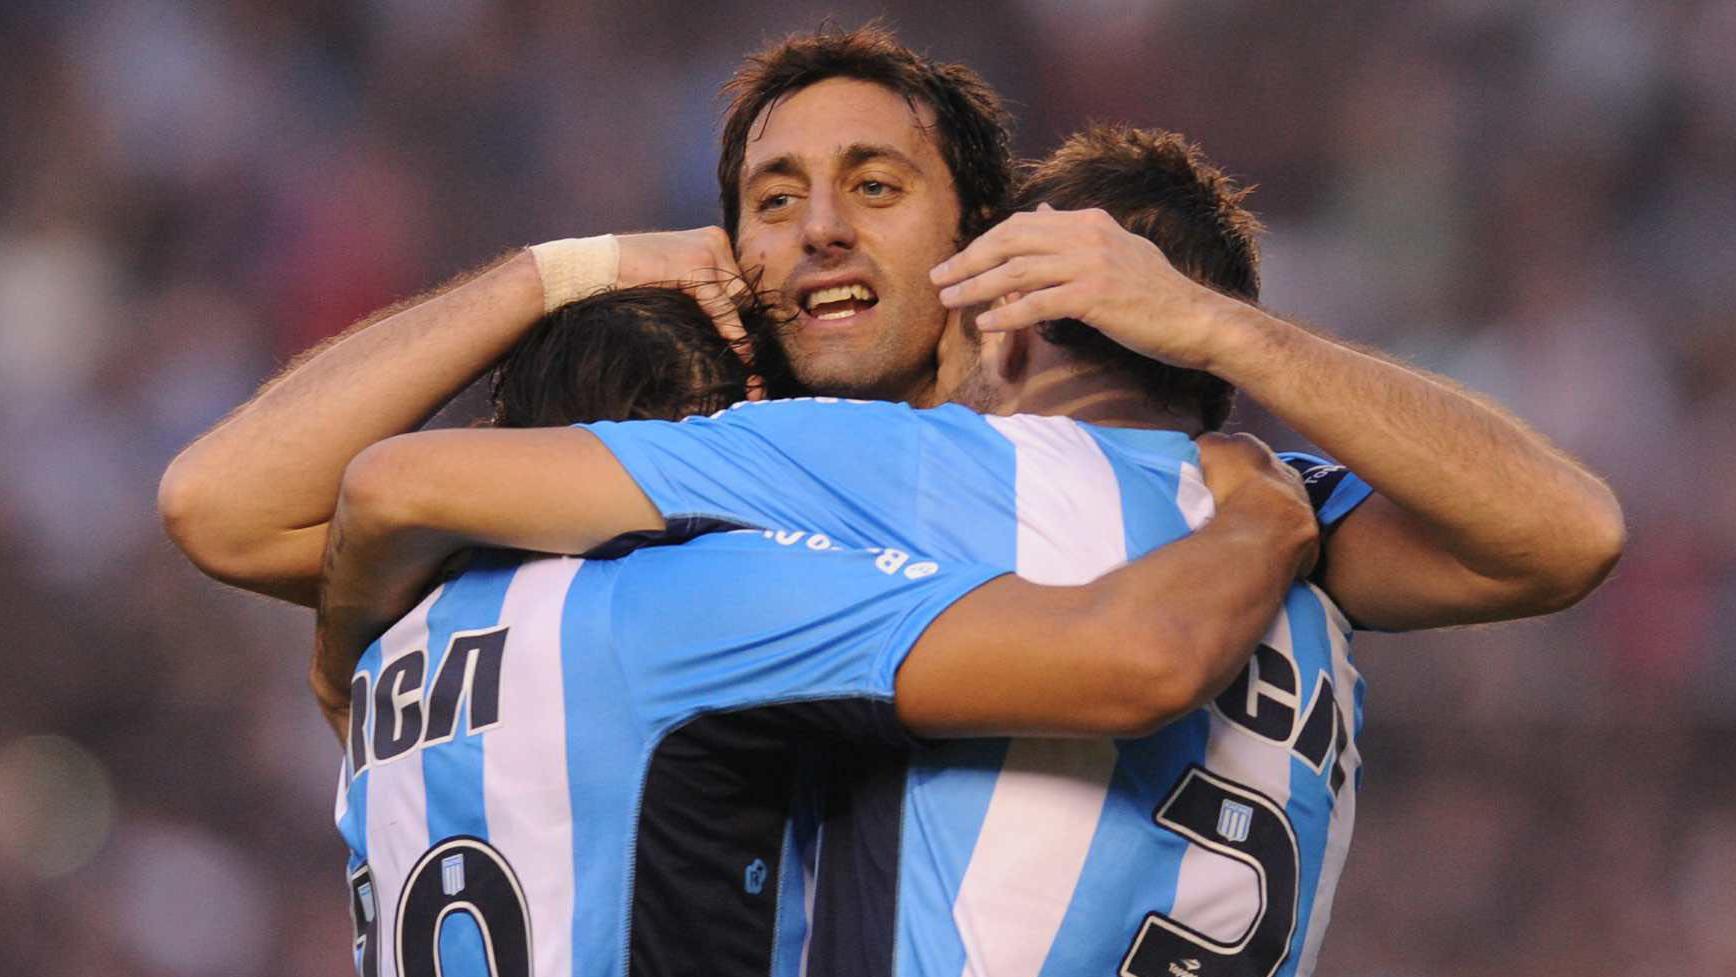 El 22 de Racing festejando el segundo gol de su equipo. (Foto: Télam)